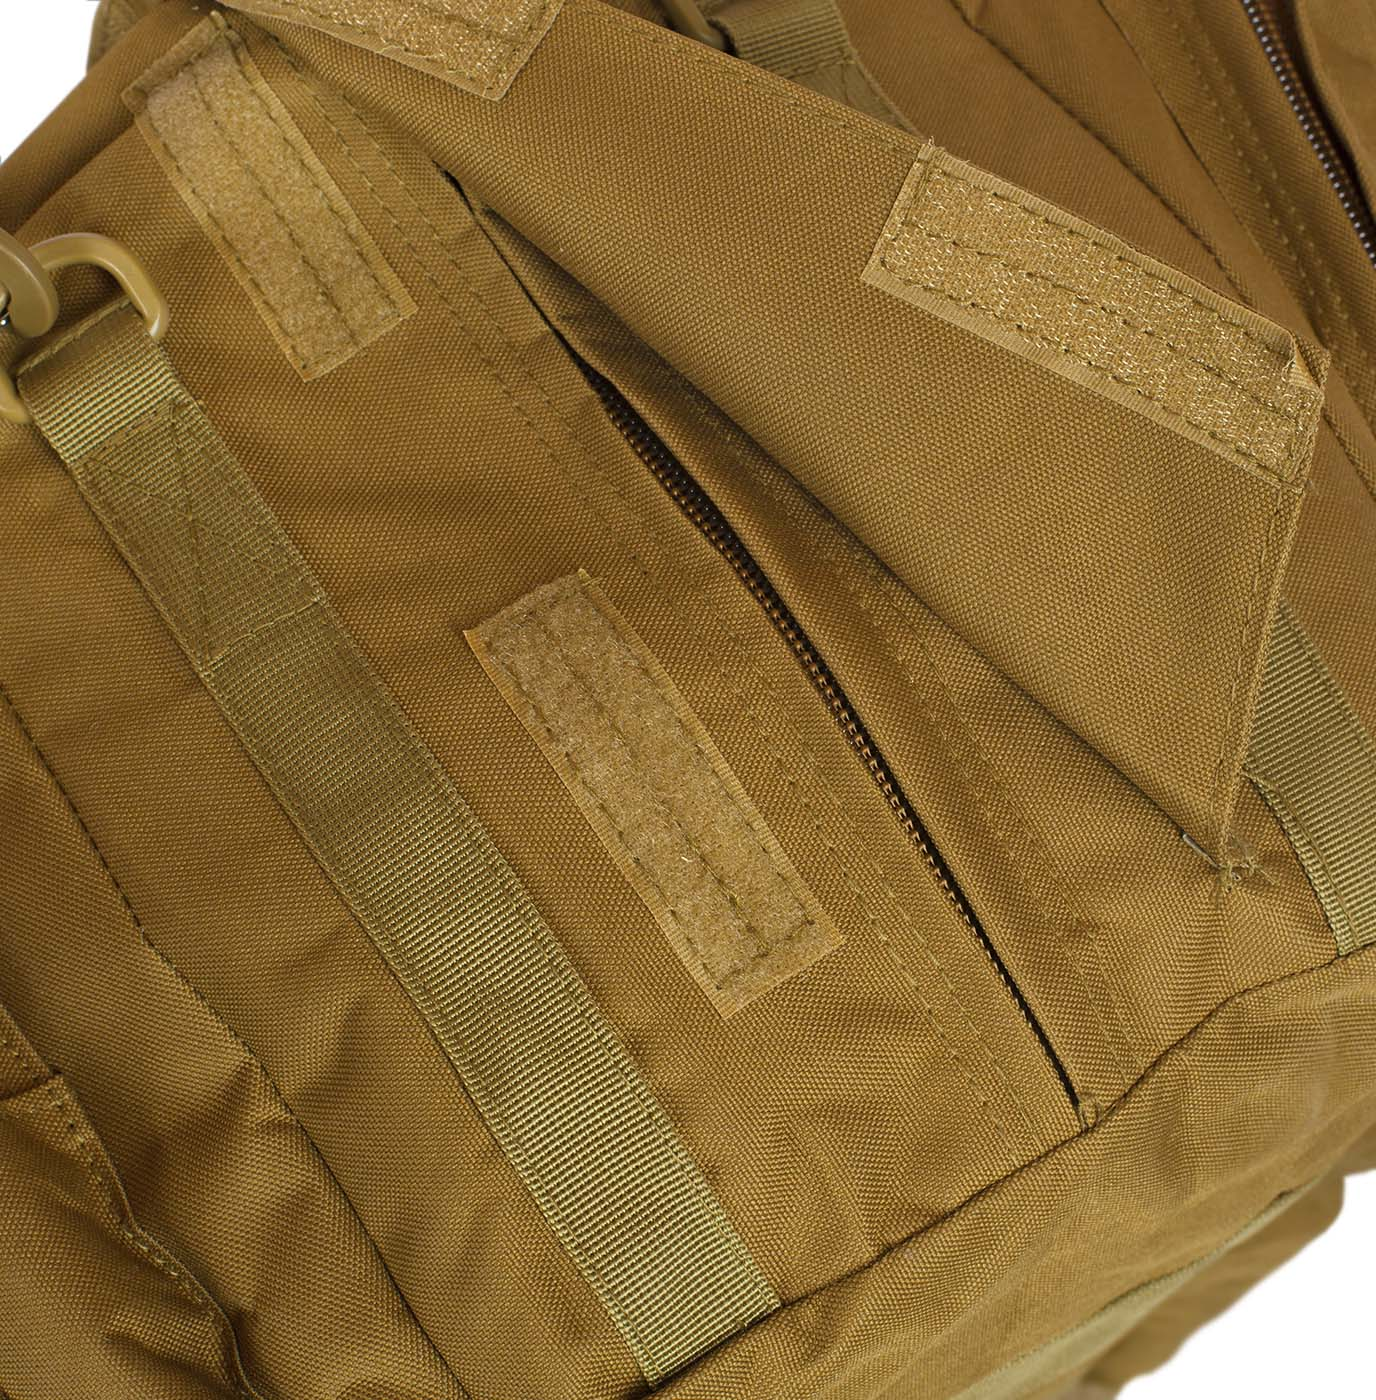 Дорожная сумка-рюкзак | Купить дорожную сумку по лучшей цене